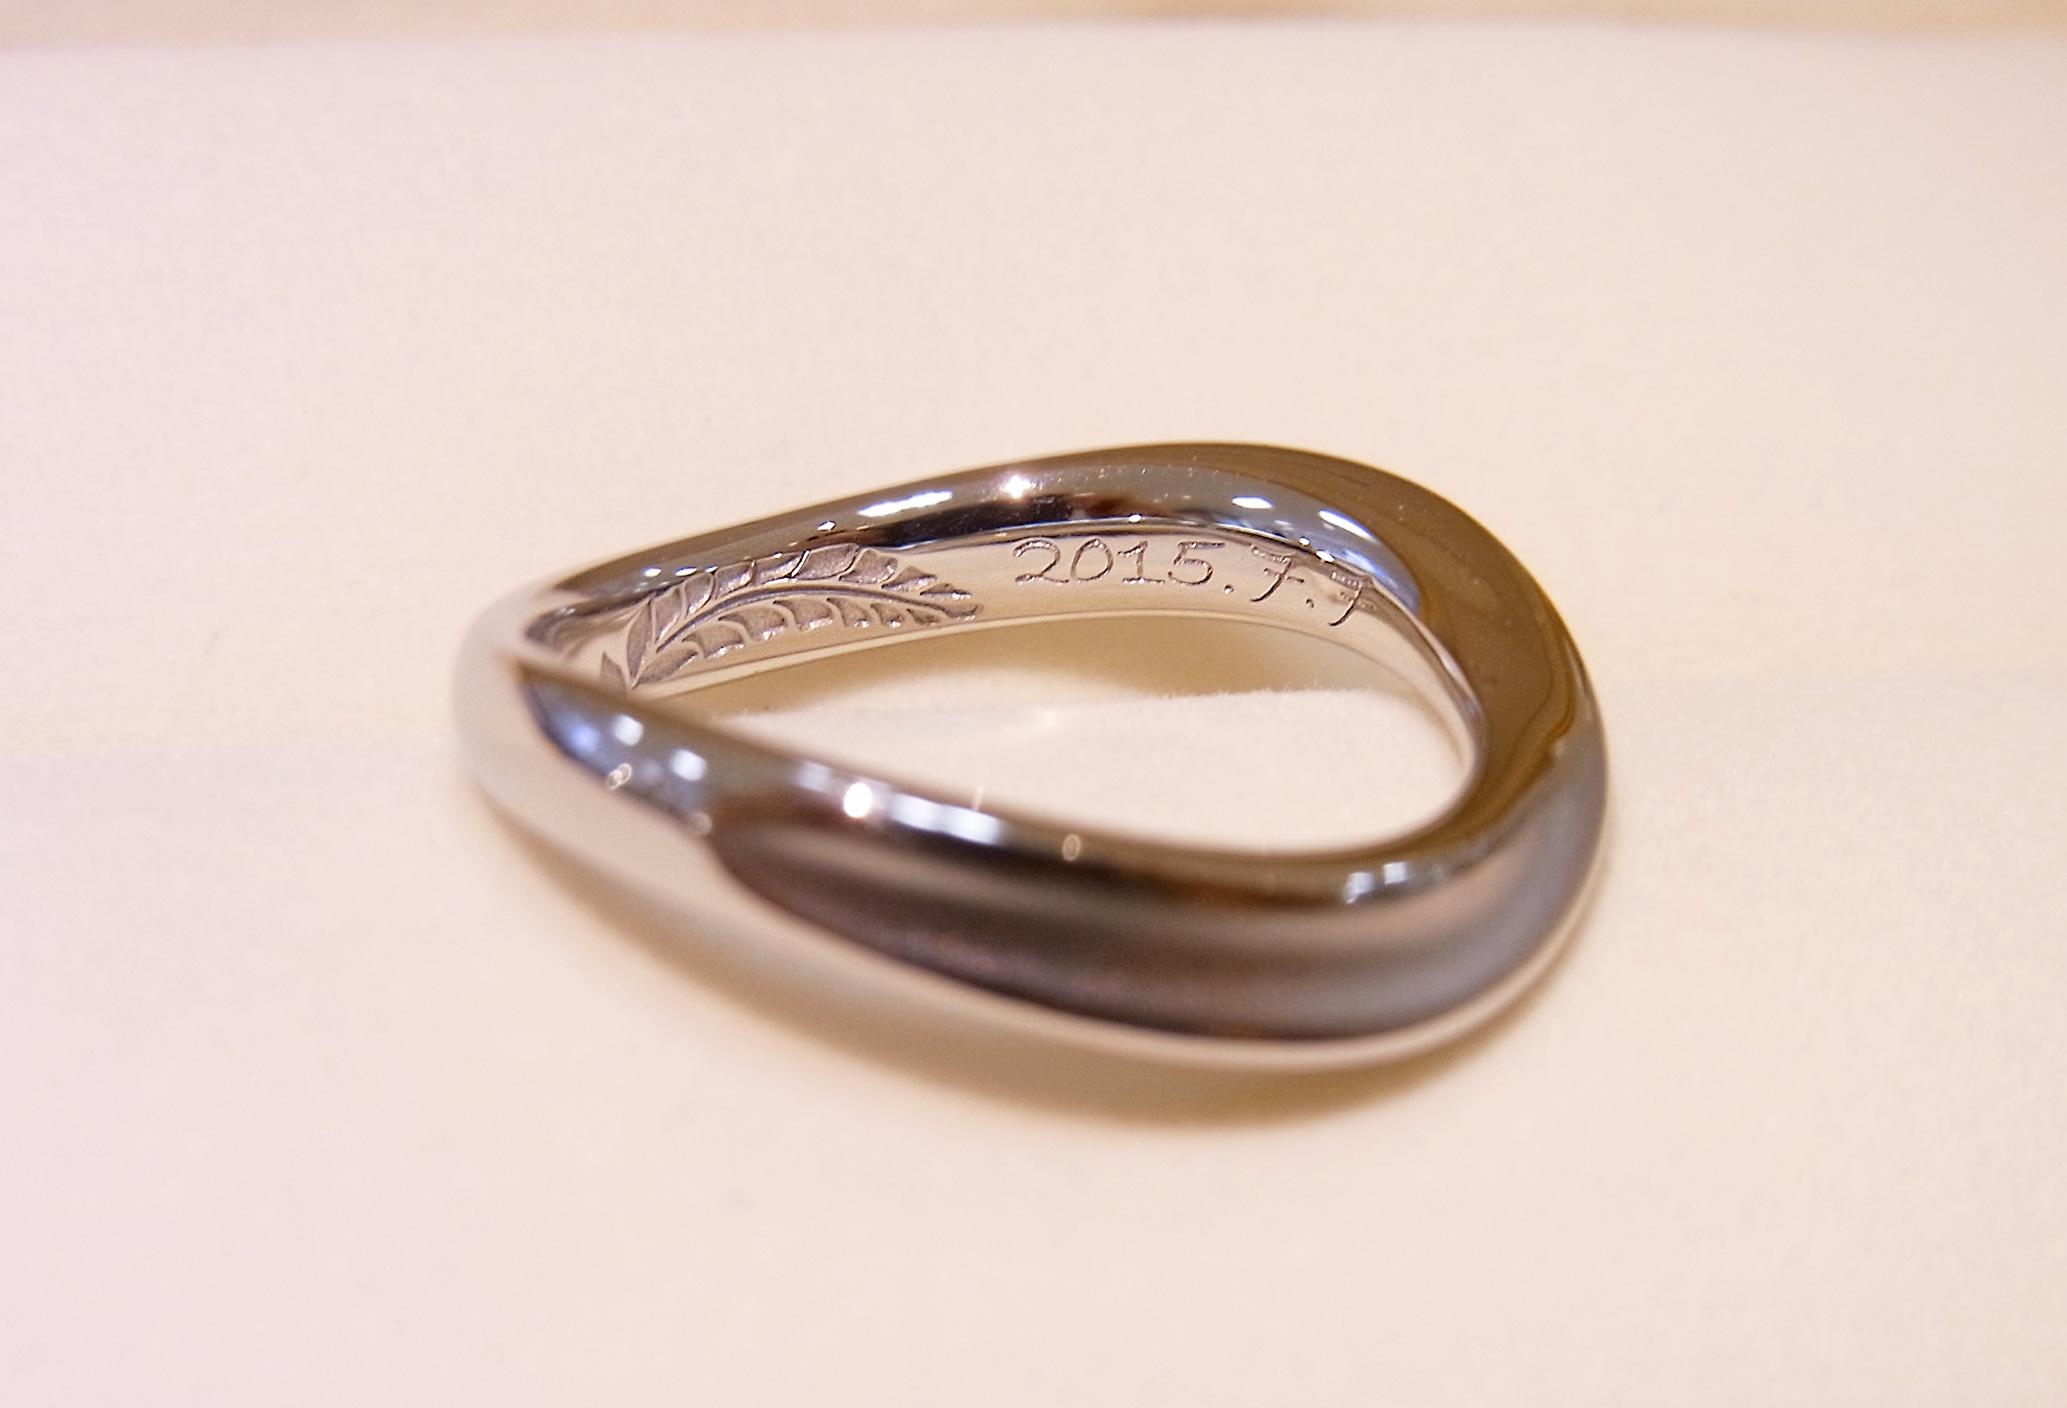 結婚指輪男性用の裏彫り写真